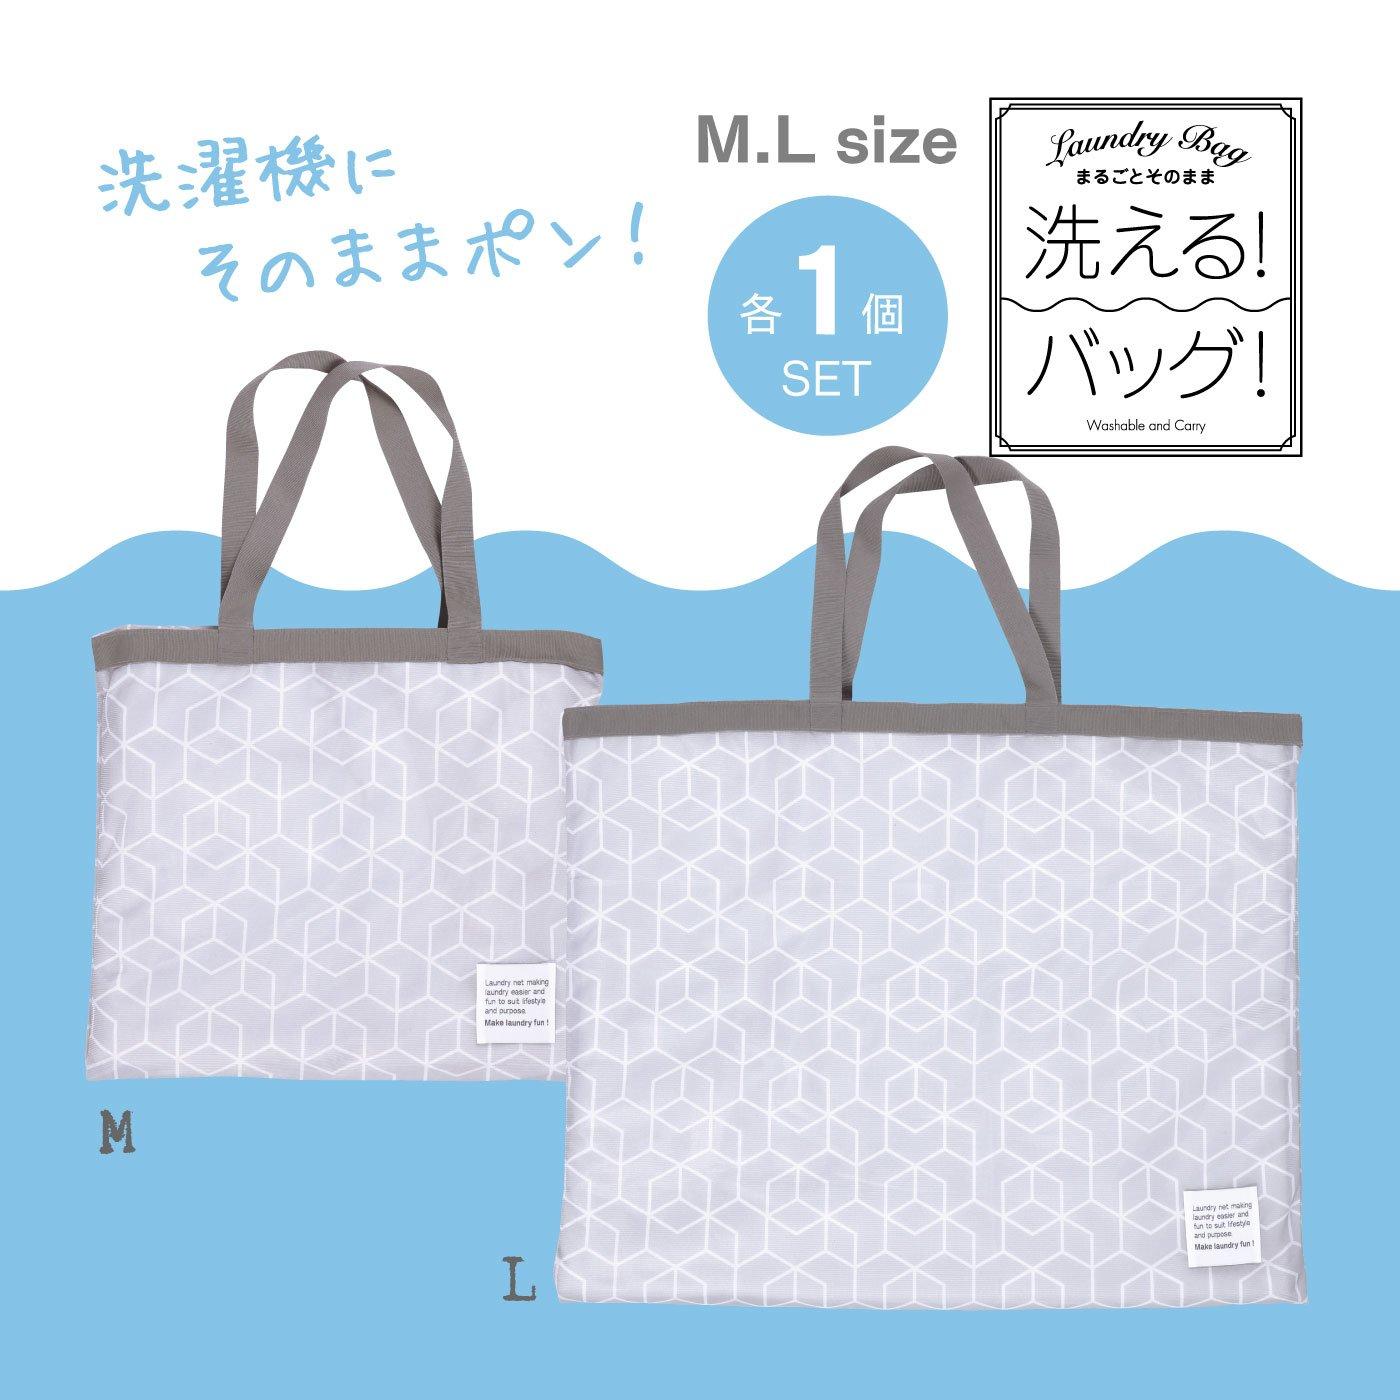 持ち運んでそのままお洗濯 洗えるランドリーバッグM・Lサイズ各1個セット